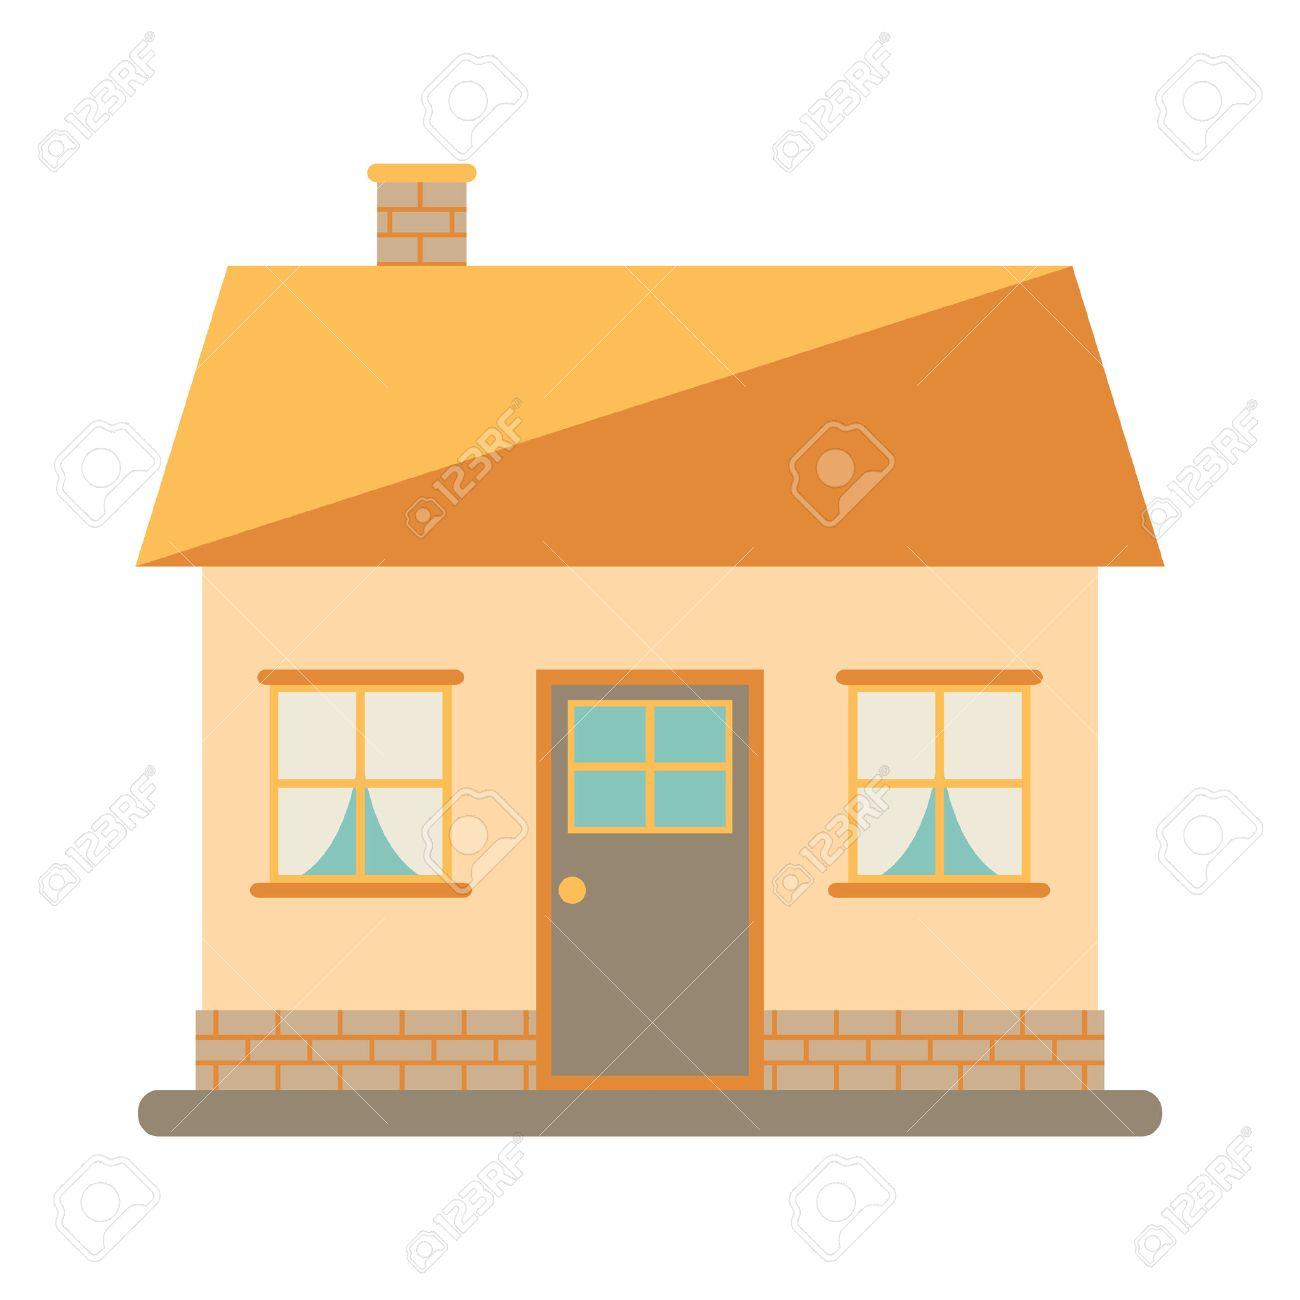 Kleines Nettes Modernes Haus Für Glückliche Familie. Mit Kamin, Dach ...